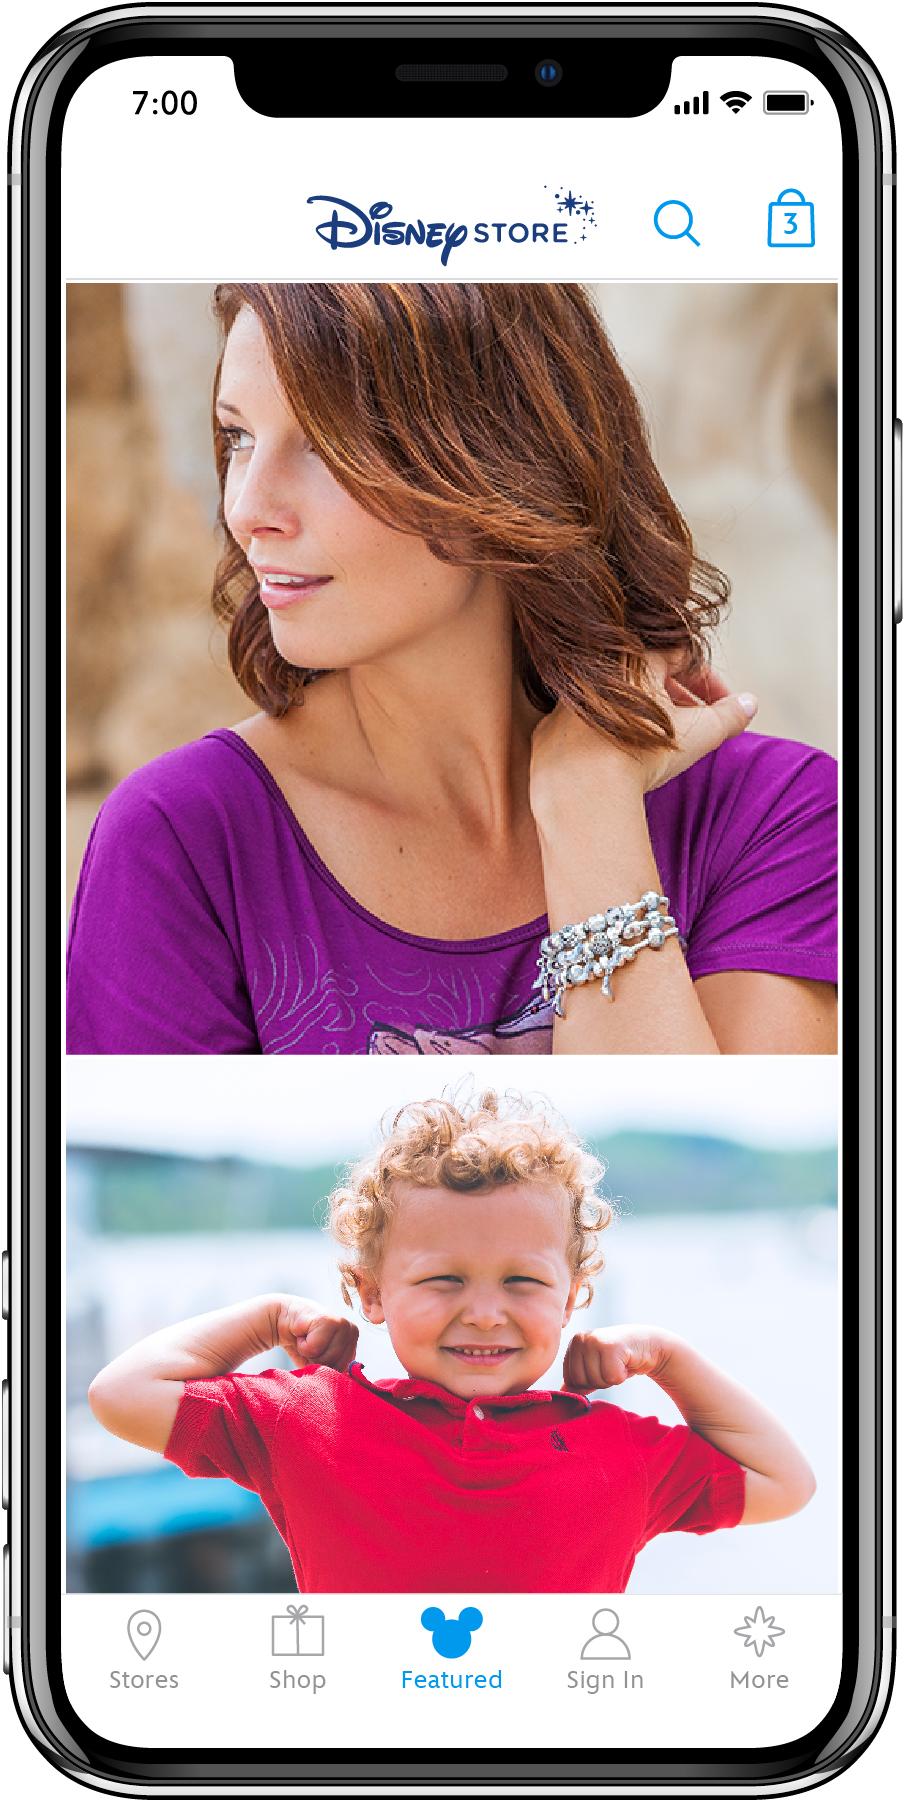 DS_Mobile_04.jpg